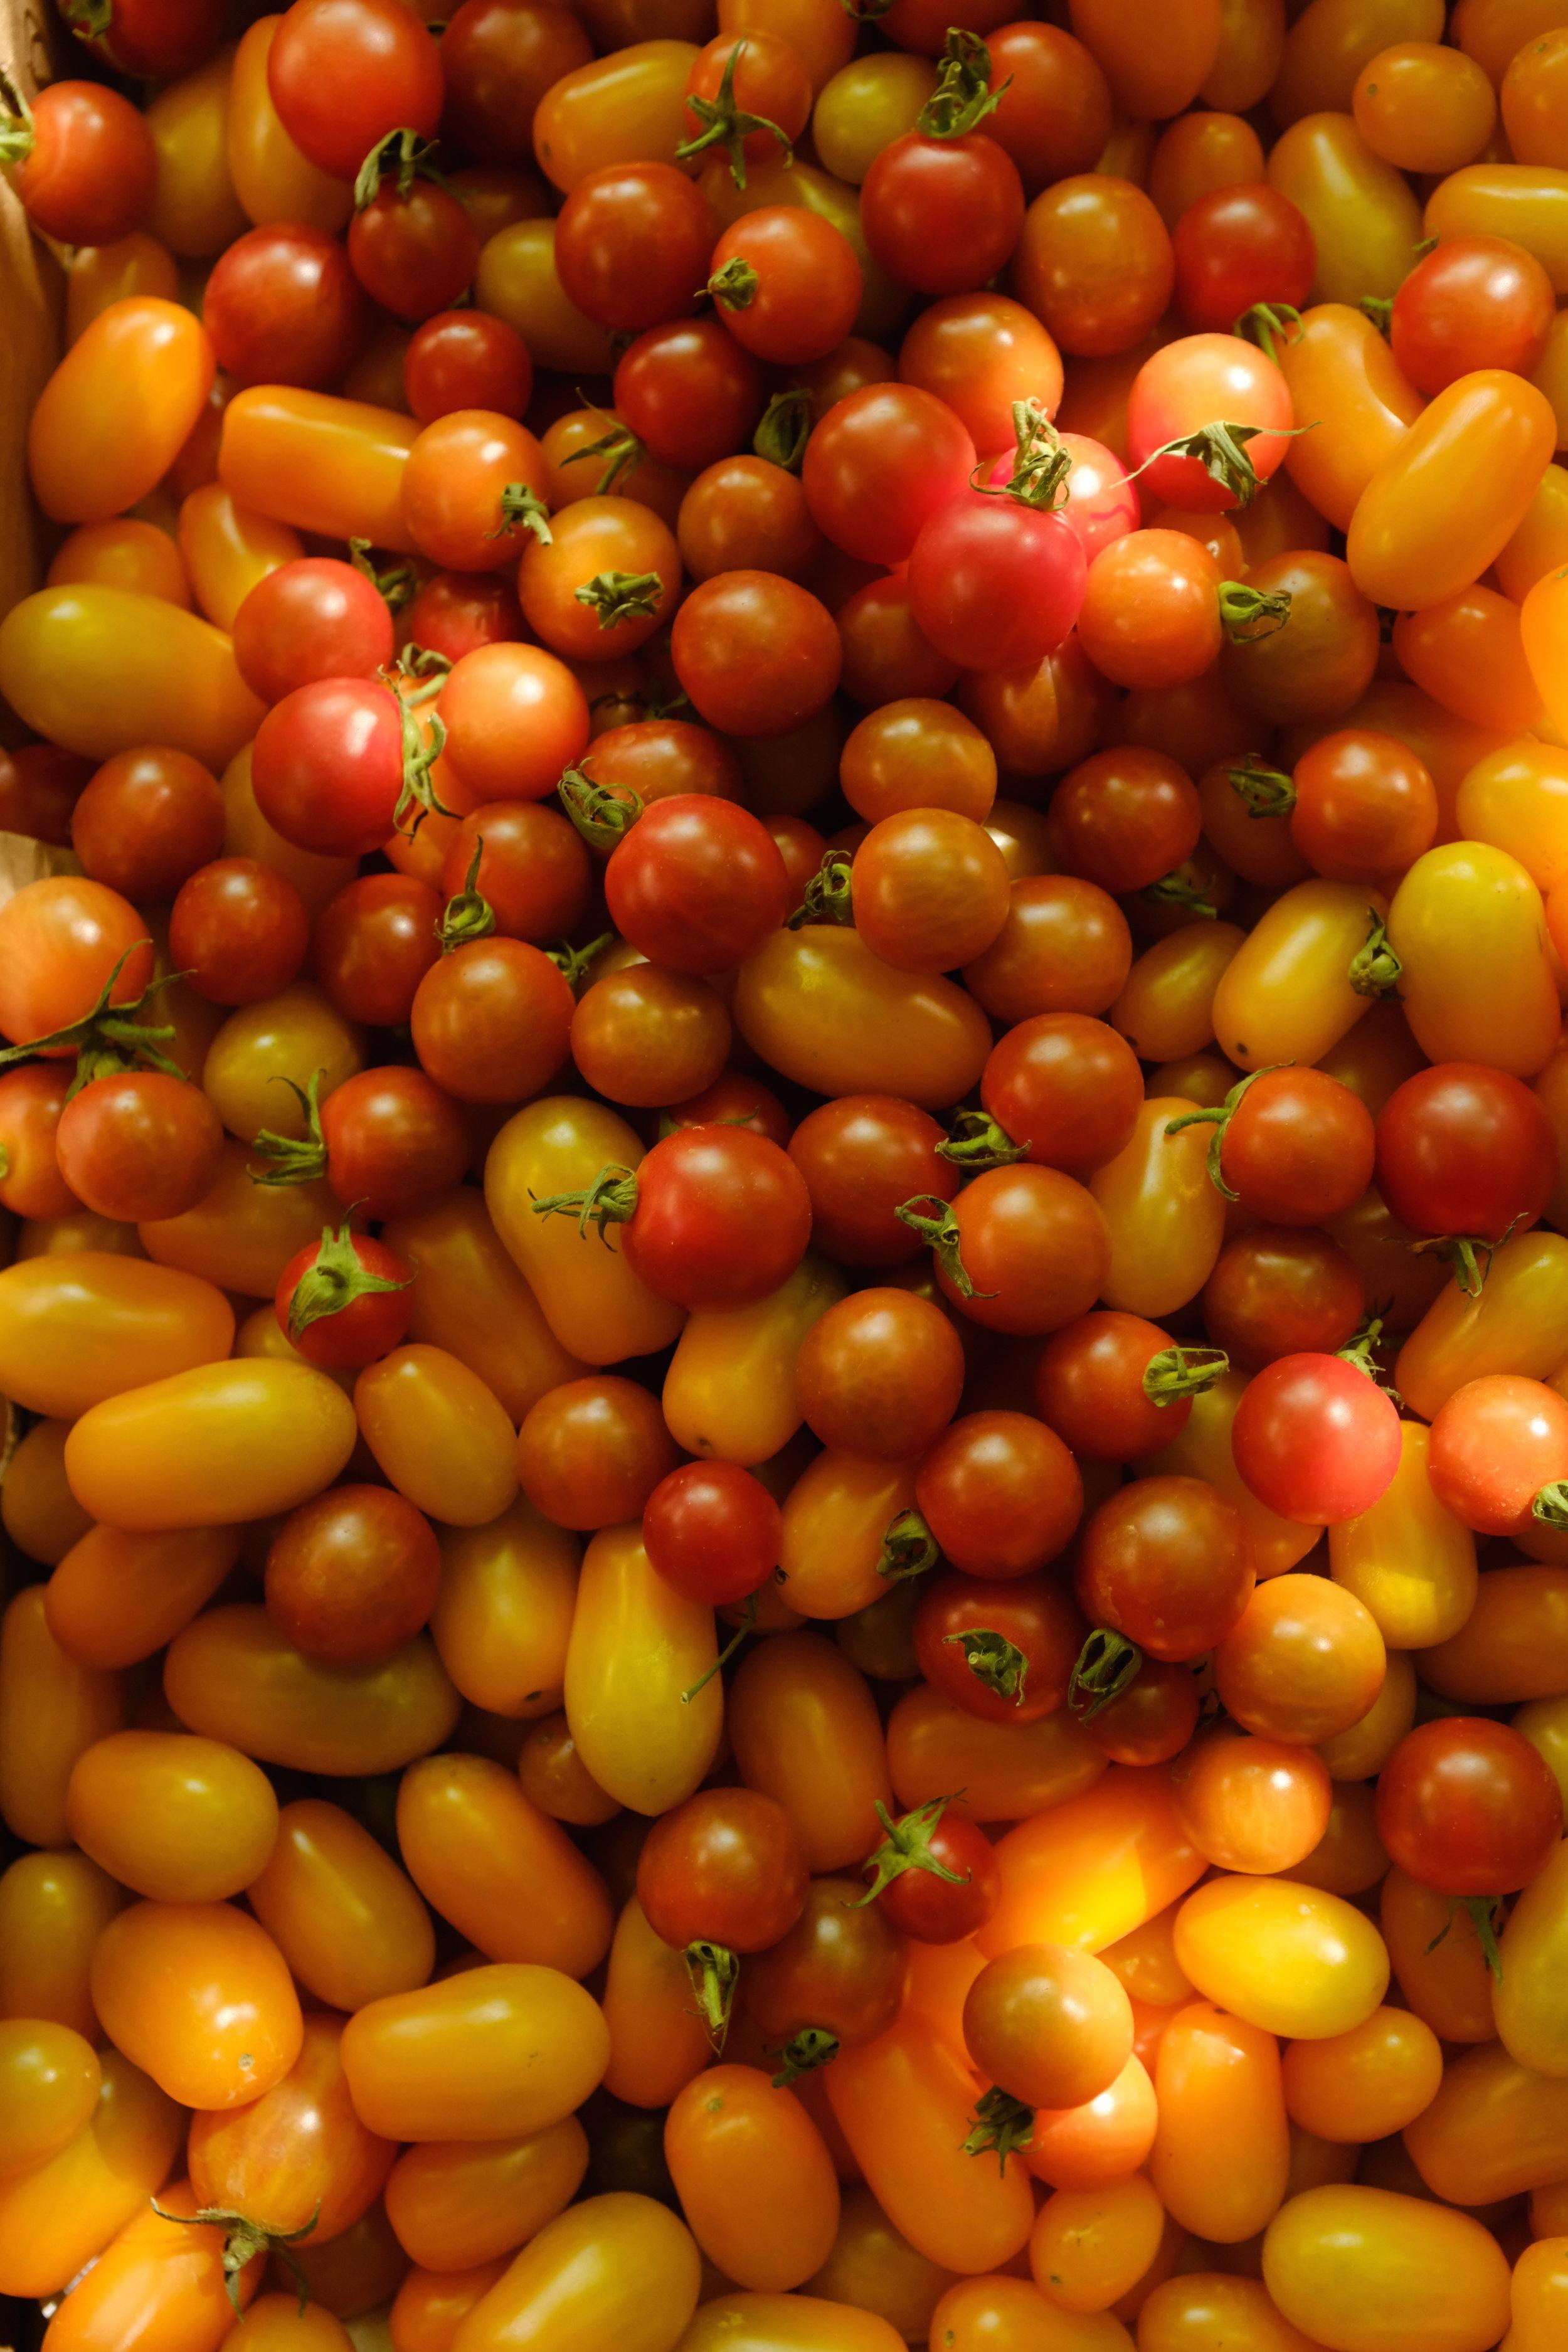 tomatoesDSCF2205.JPG